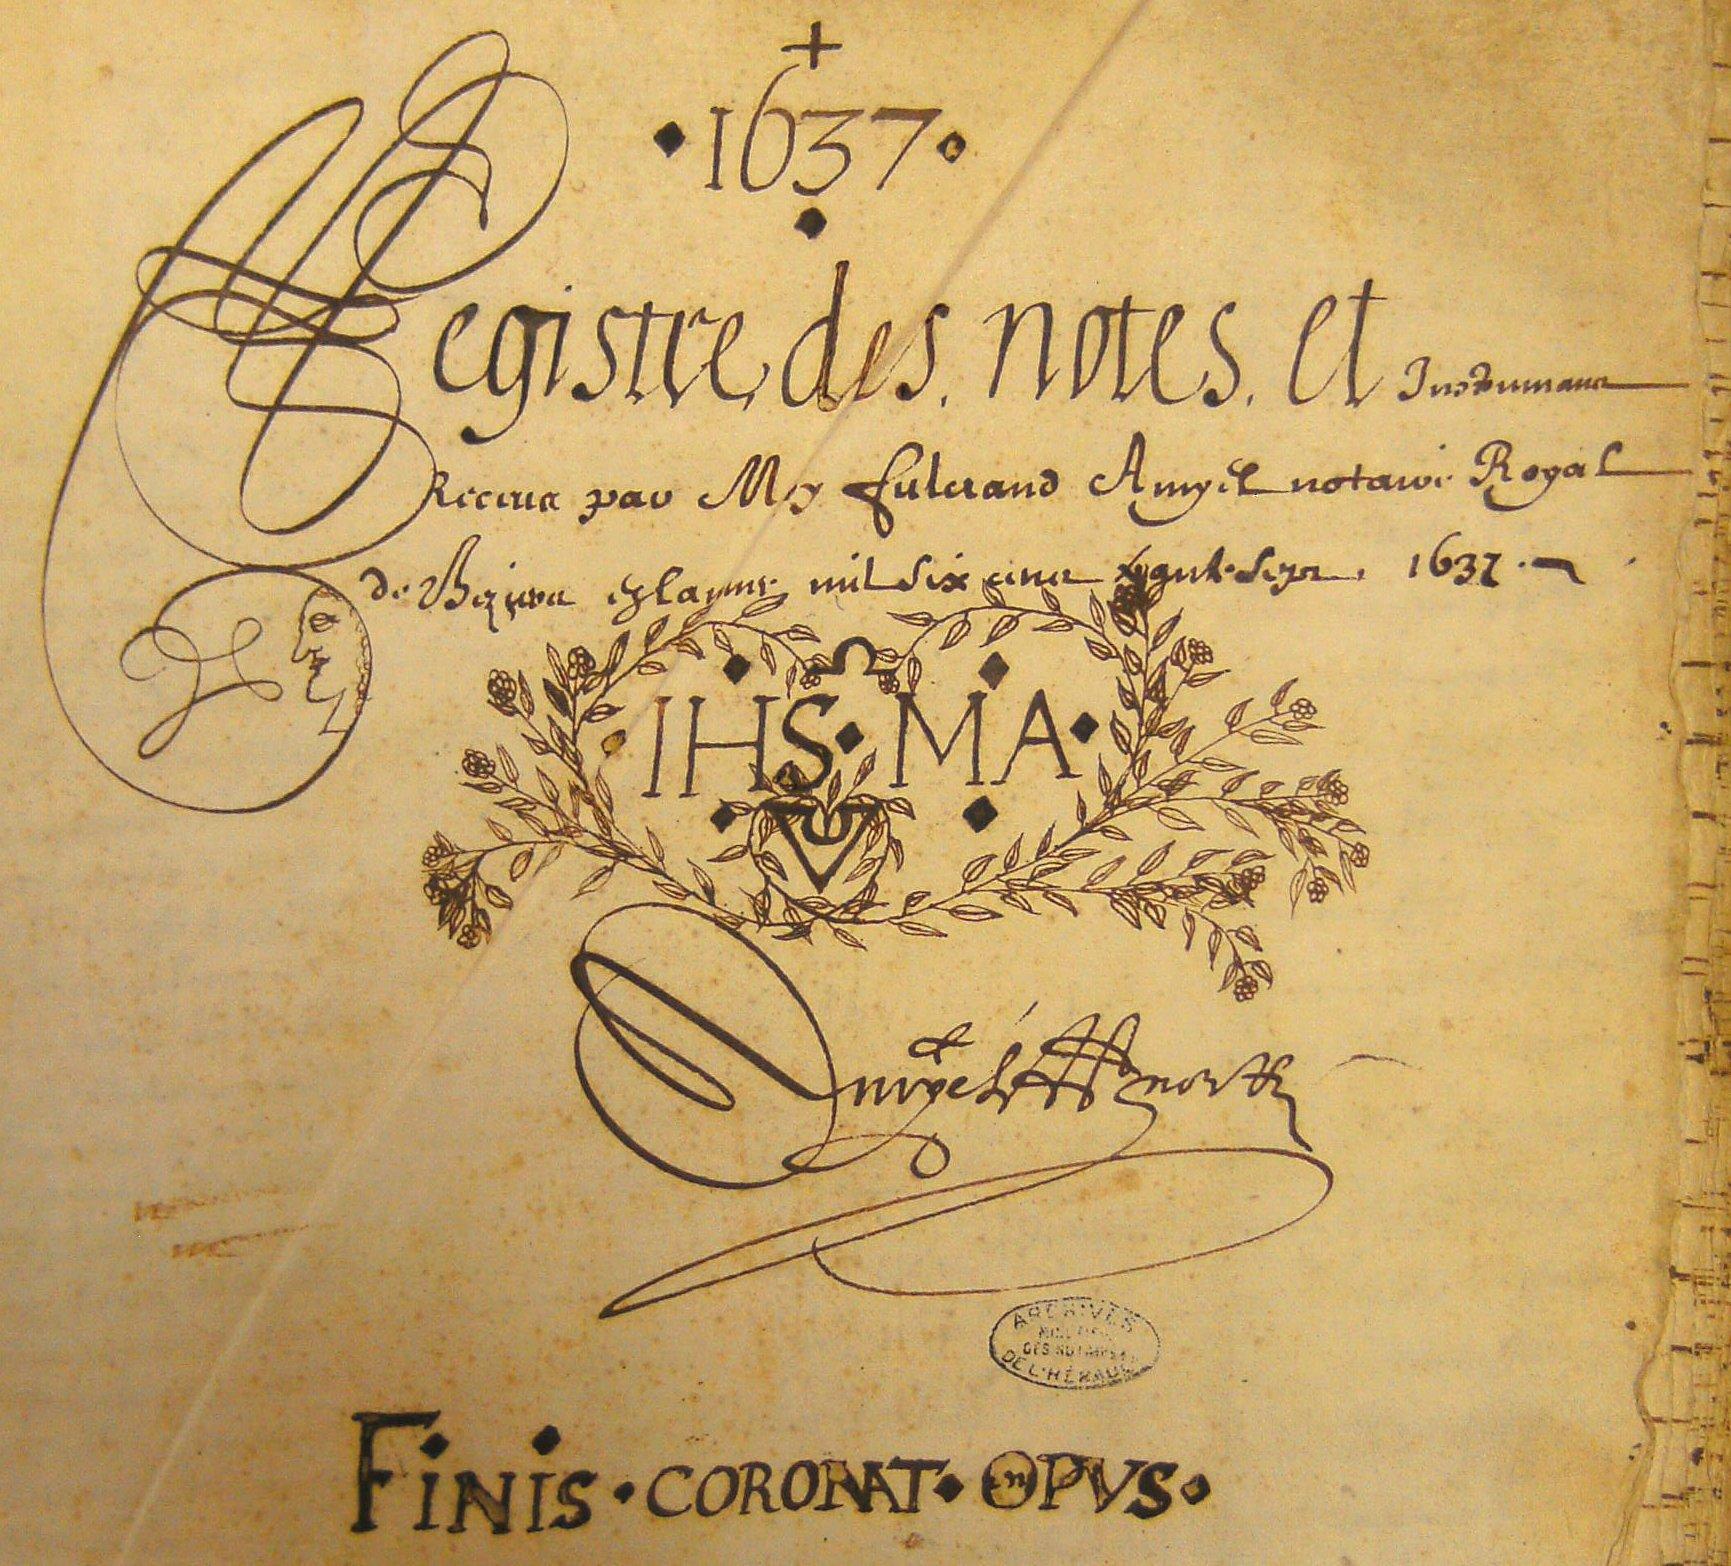 ADH, 2E 13/4, Me Amiel, notaire à Béziers